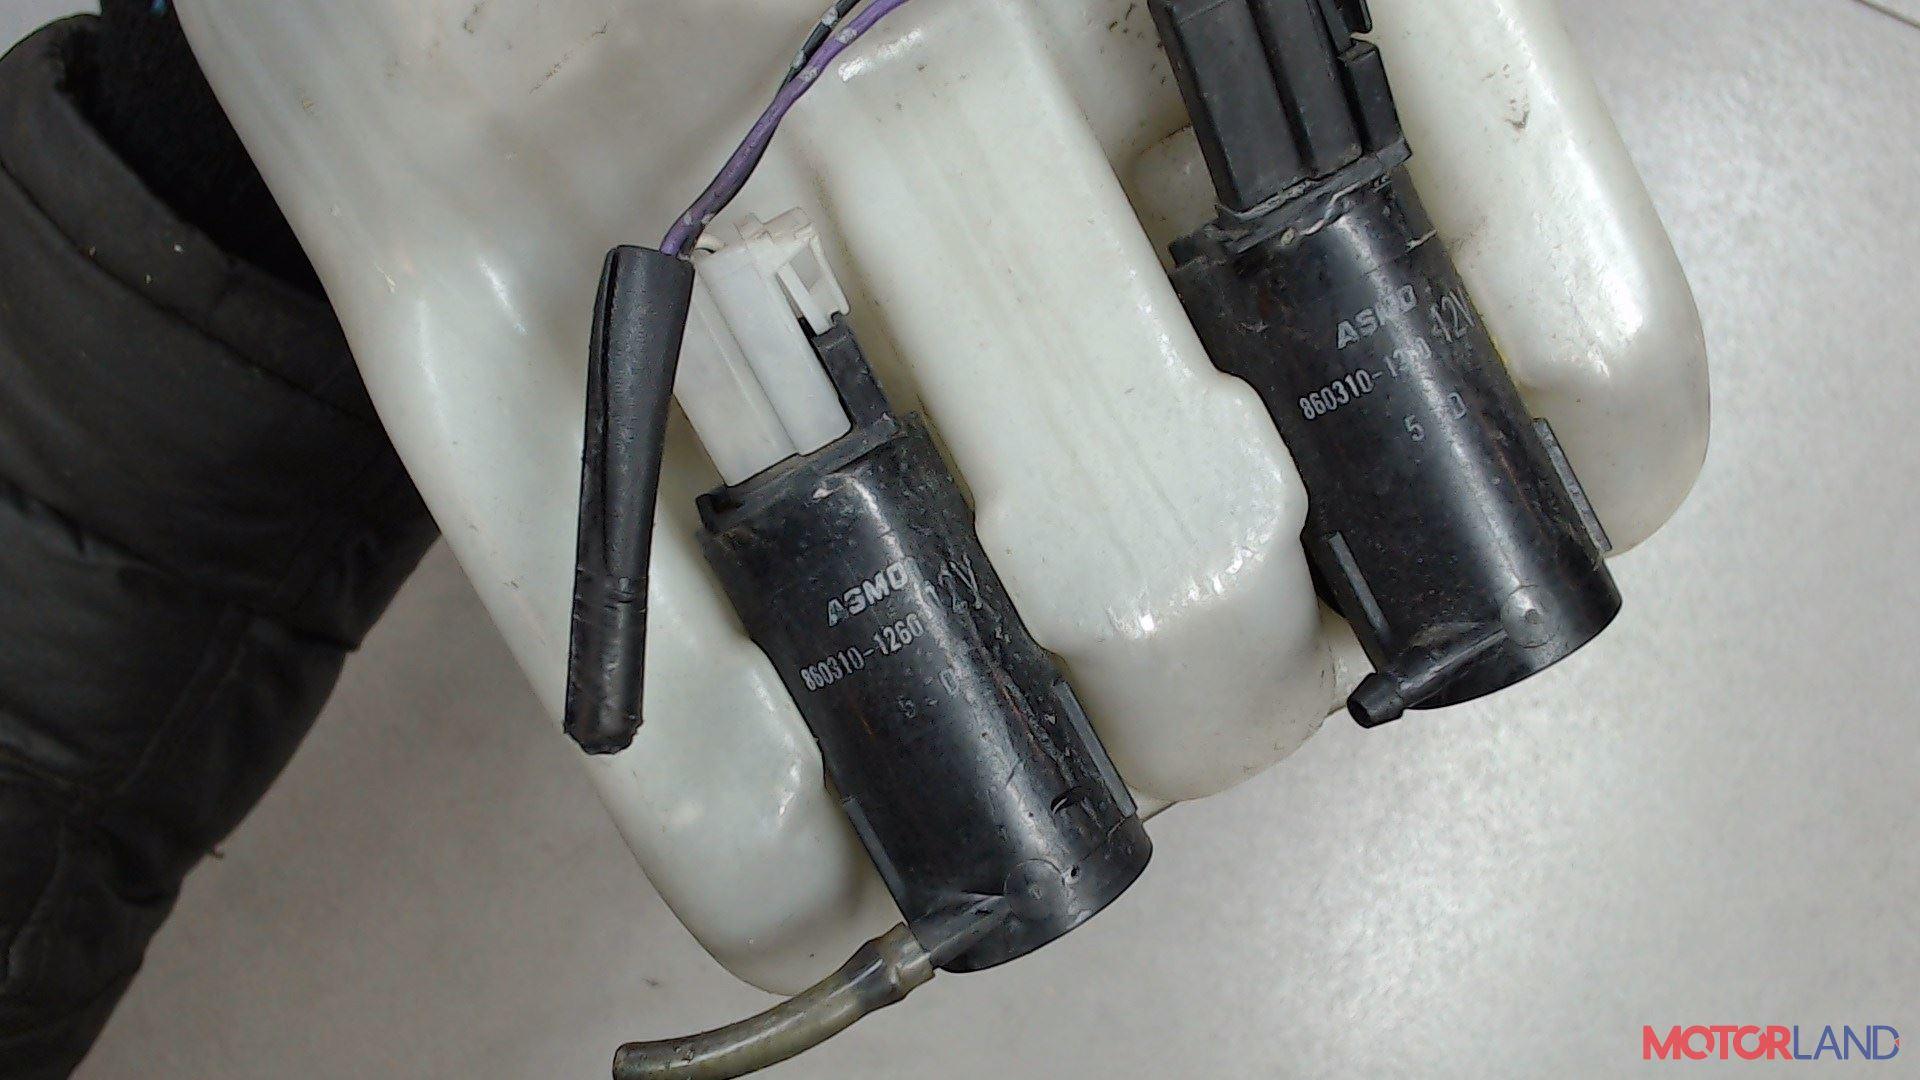 Двигатель (насос) омывателя Daihatsu Terios, Артикул 19993349, деталь является частью агрегата #1